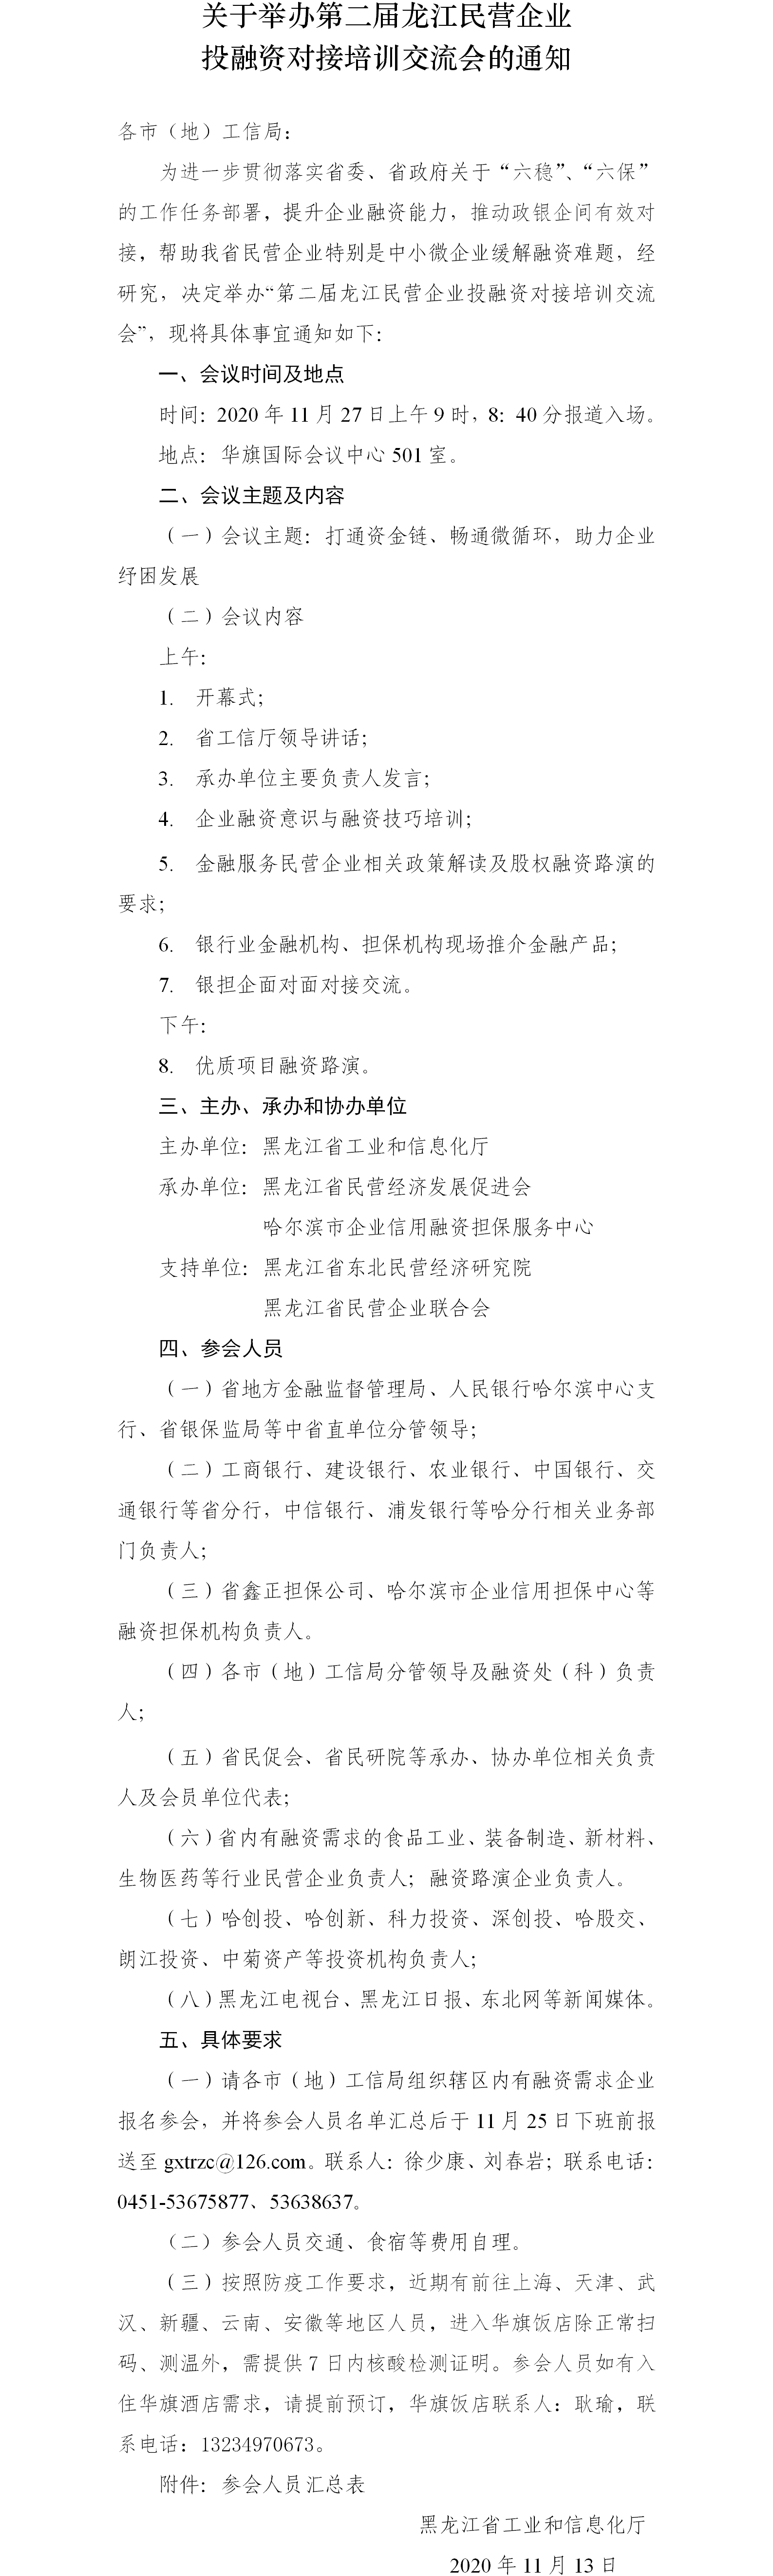 关于举办2020年第二届龙江民营企业对接会通知.png